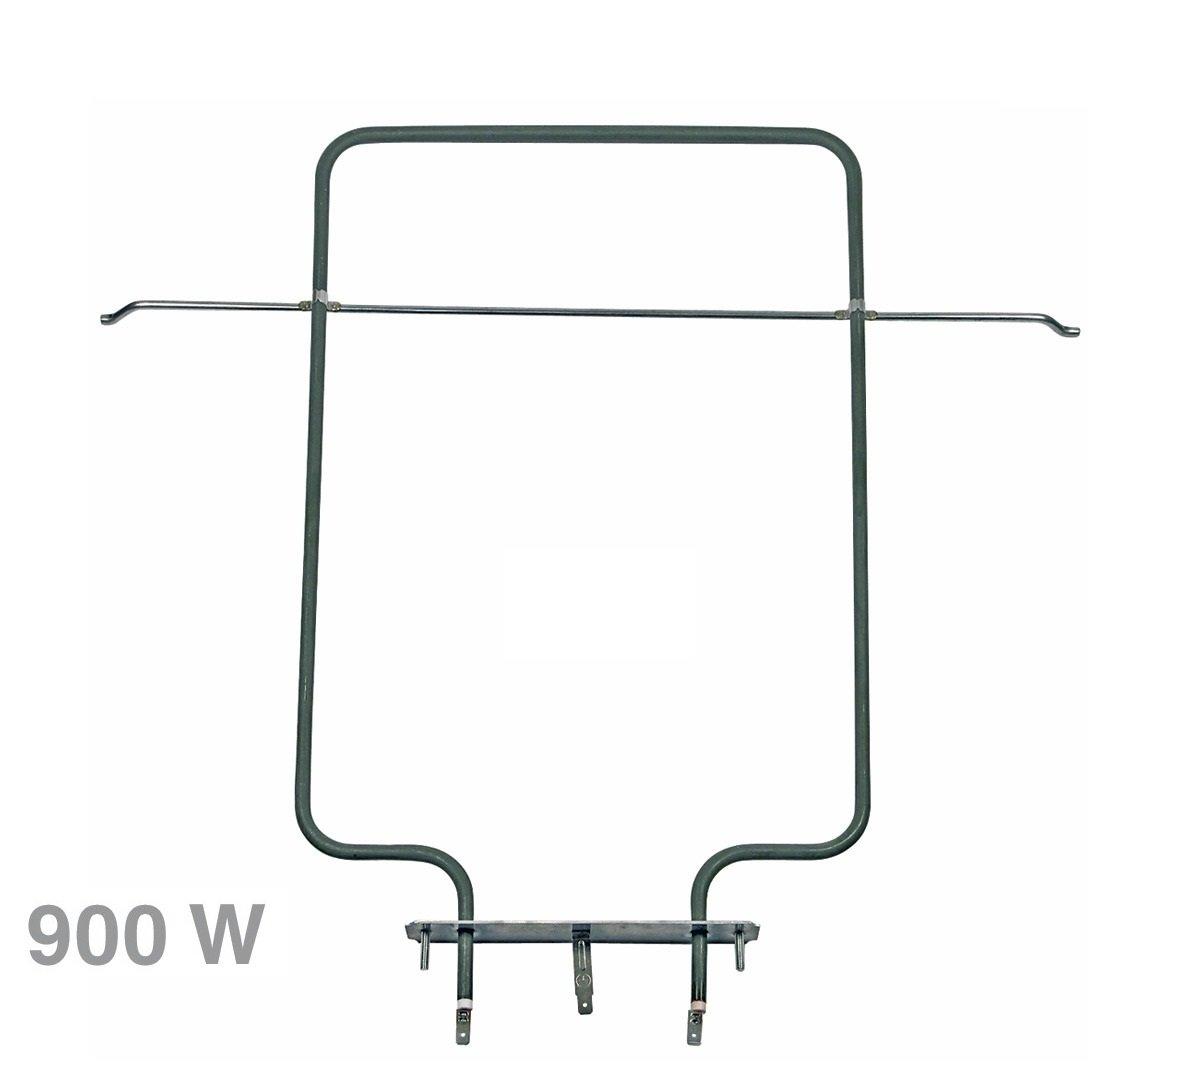 Heizelement Oberhitze 900W 230V 481225998473 Bauknecht Ikea Whirlpool